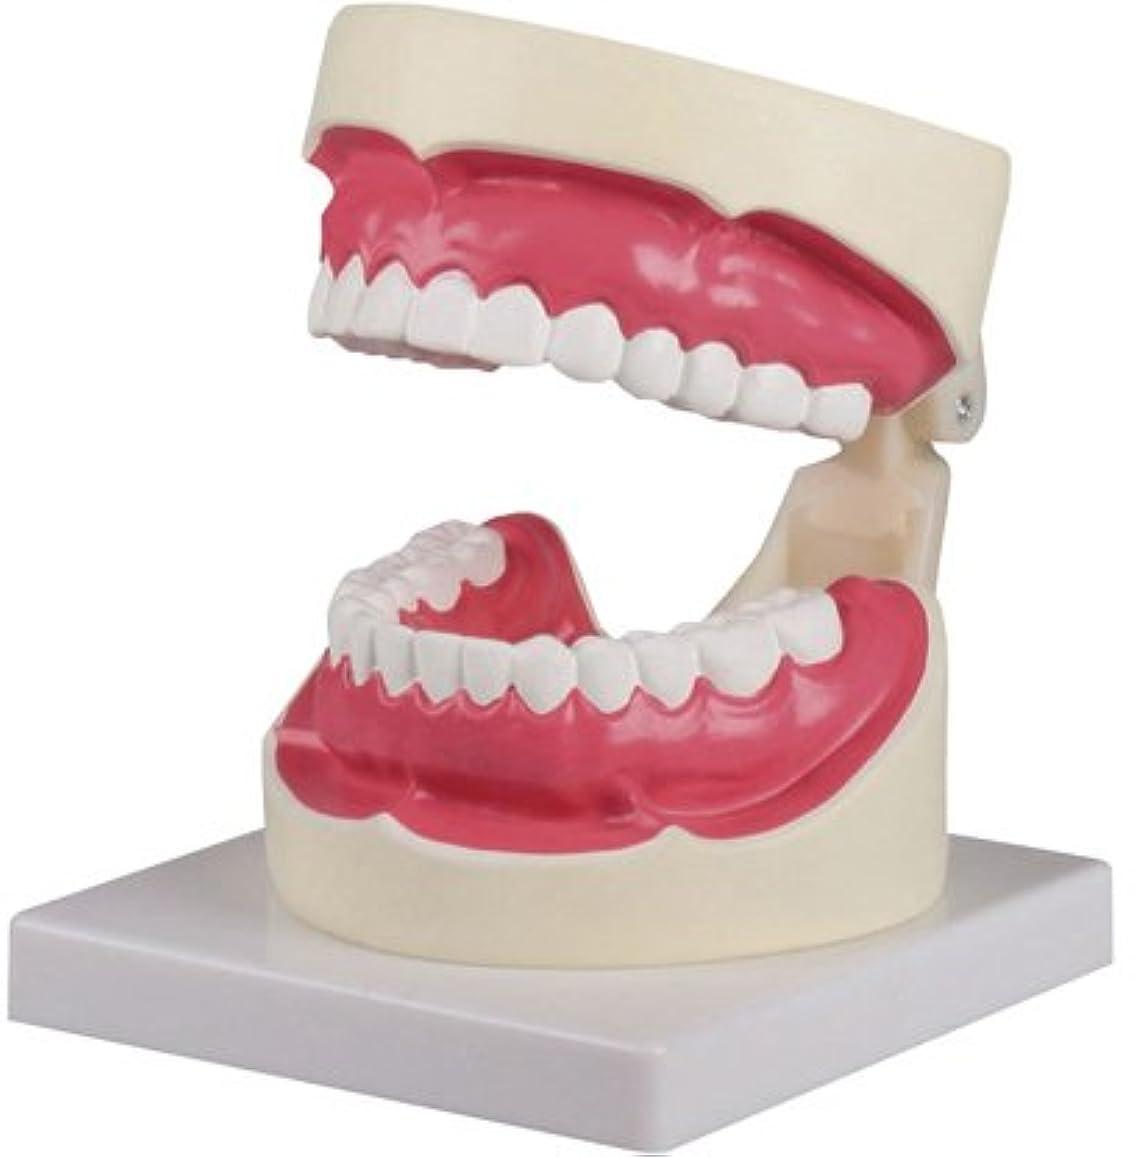 第二にシーフード休戦歯磨き(口腔ケア)指導模型1.5倍大 D217 ?????(??????)???????(24-6839-00)【エルラージーマー社】[1個単位]